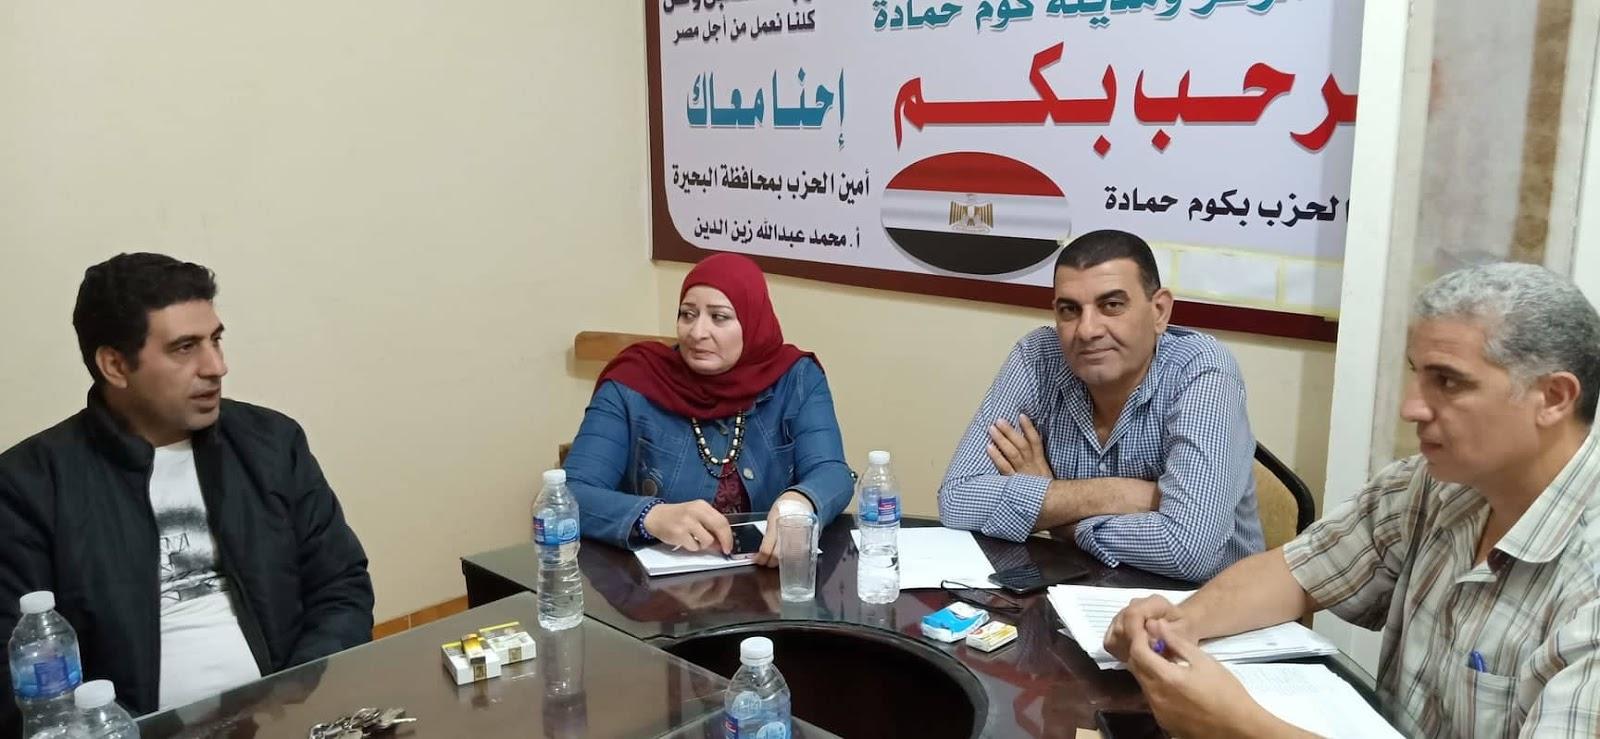 بالصور.. تعرف على نتائج الاجتماع الدوري لأمانة حزب مستقبل وطن بكوم حماده